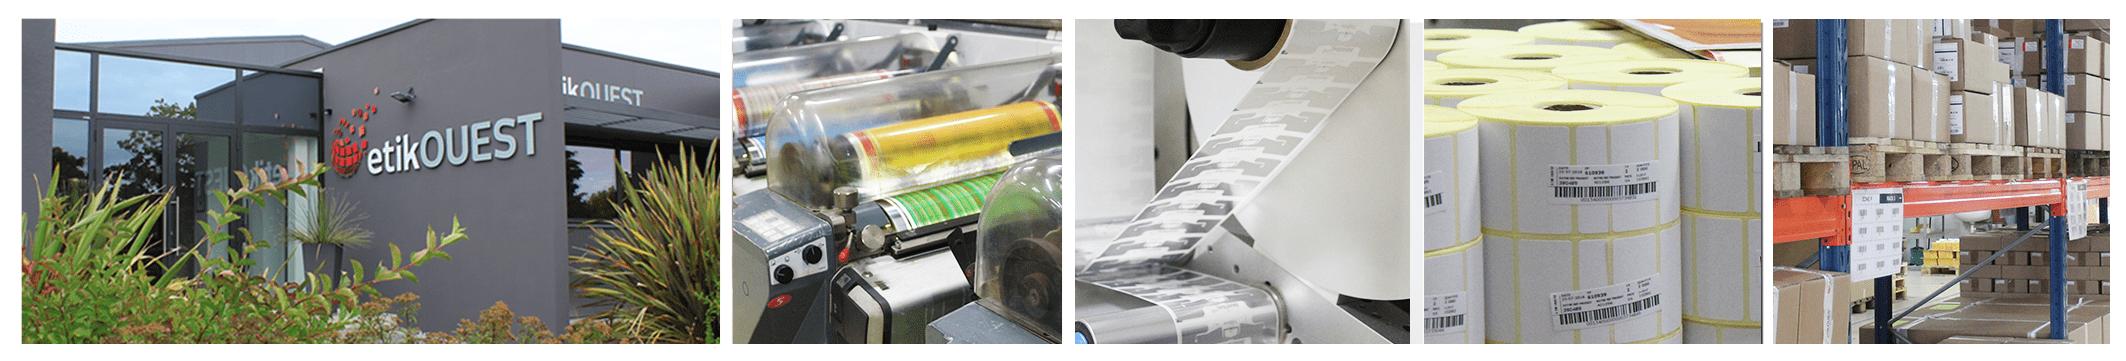 Fabricant d'étiquettes adhésives pour l'industrie, la logistique et le secteur médical